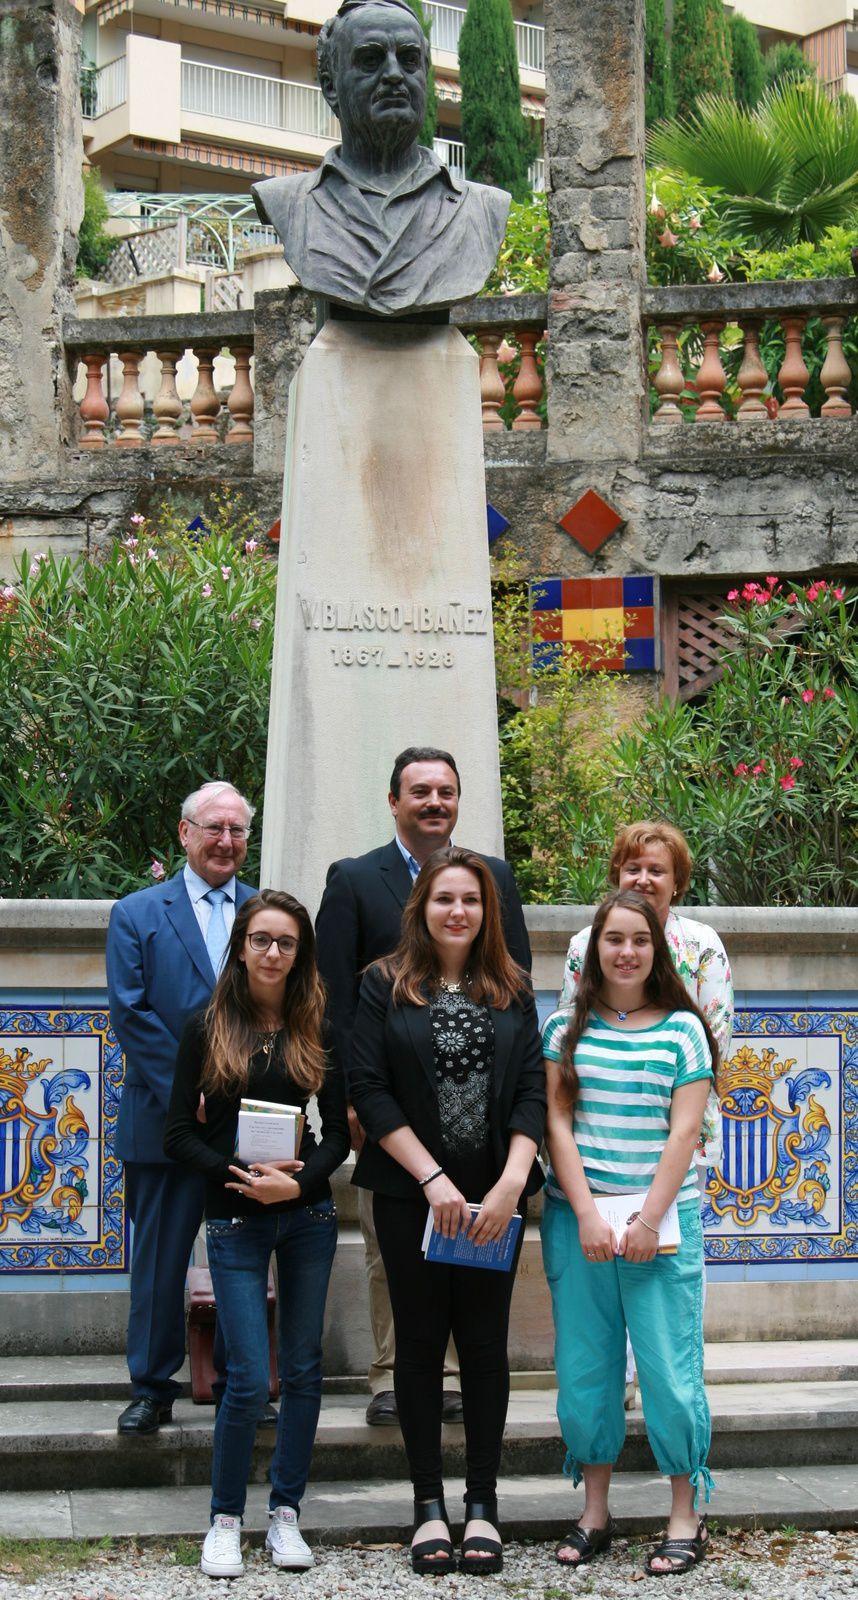 """Remise des Prix 2014 du 1er concours de nouvelles """"Vicente Blasco Ibañez 2014"""" - Prestation de Monsieur Yves Grancher, Comédien."""